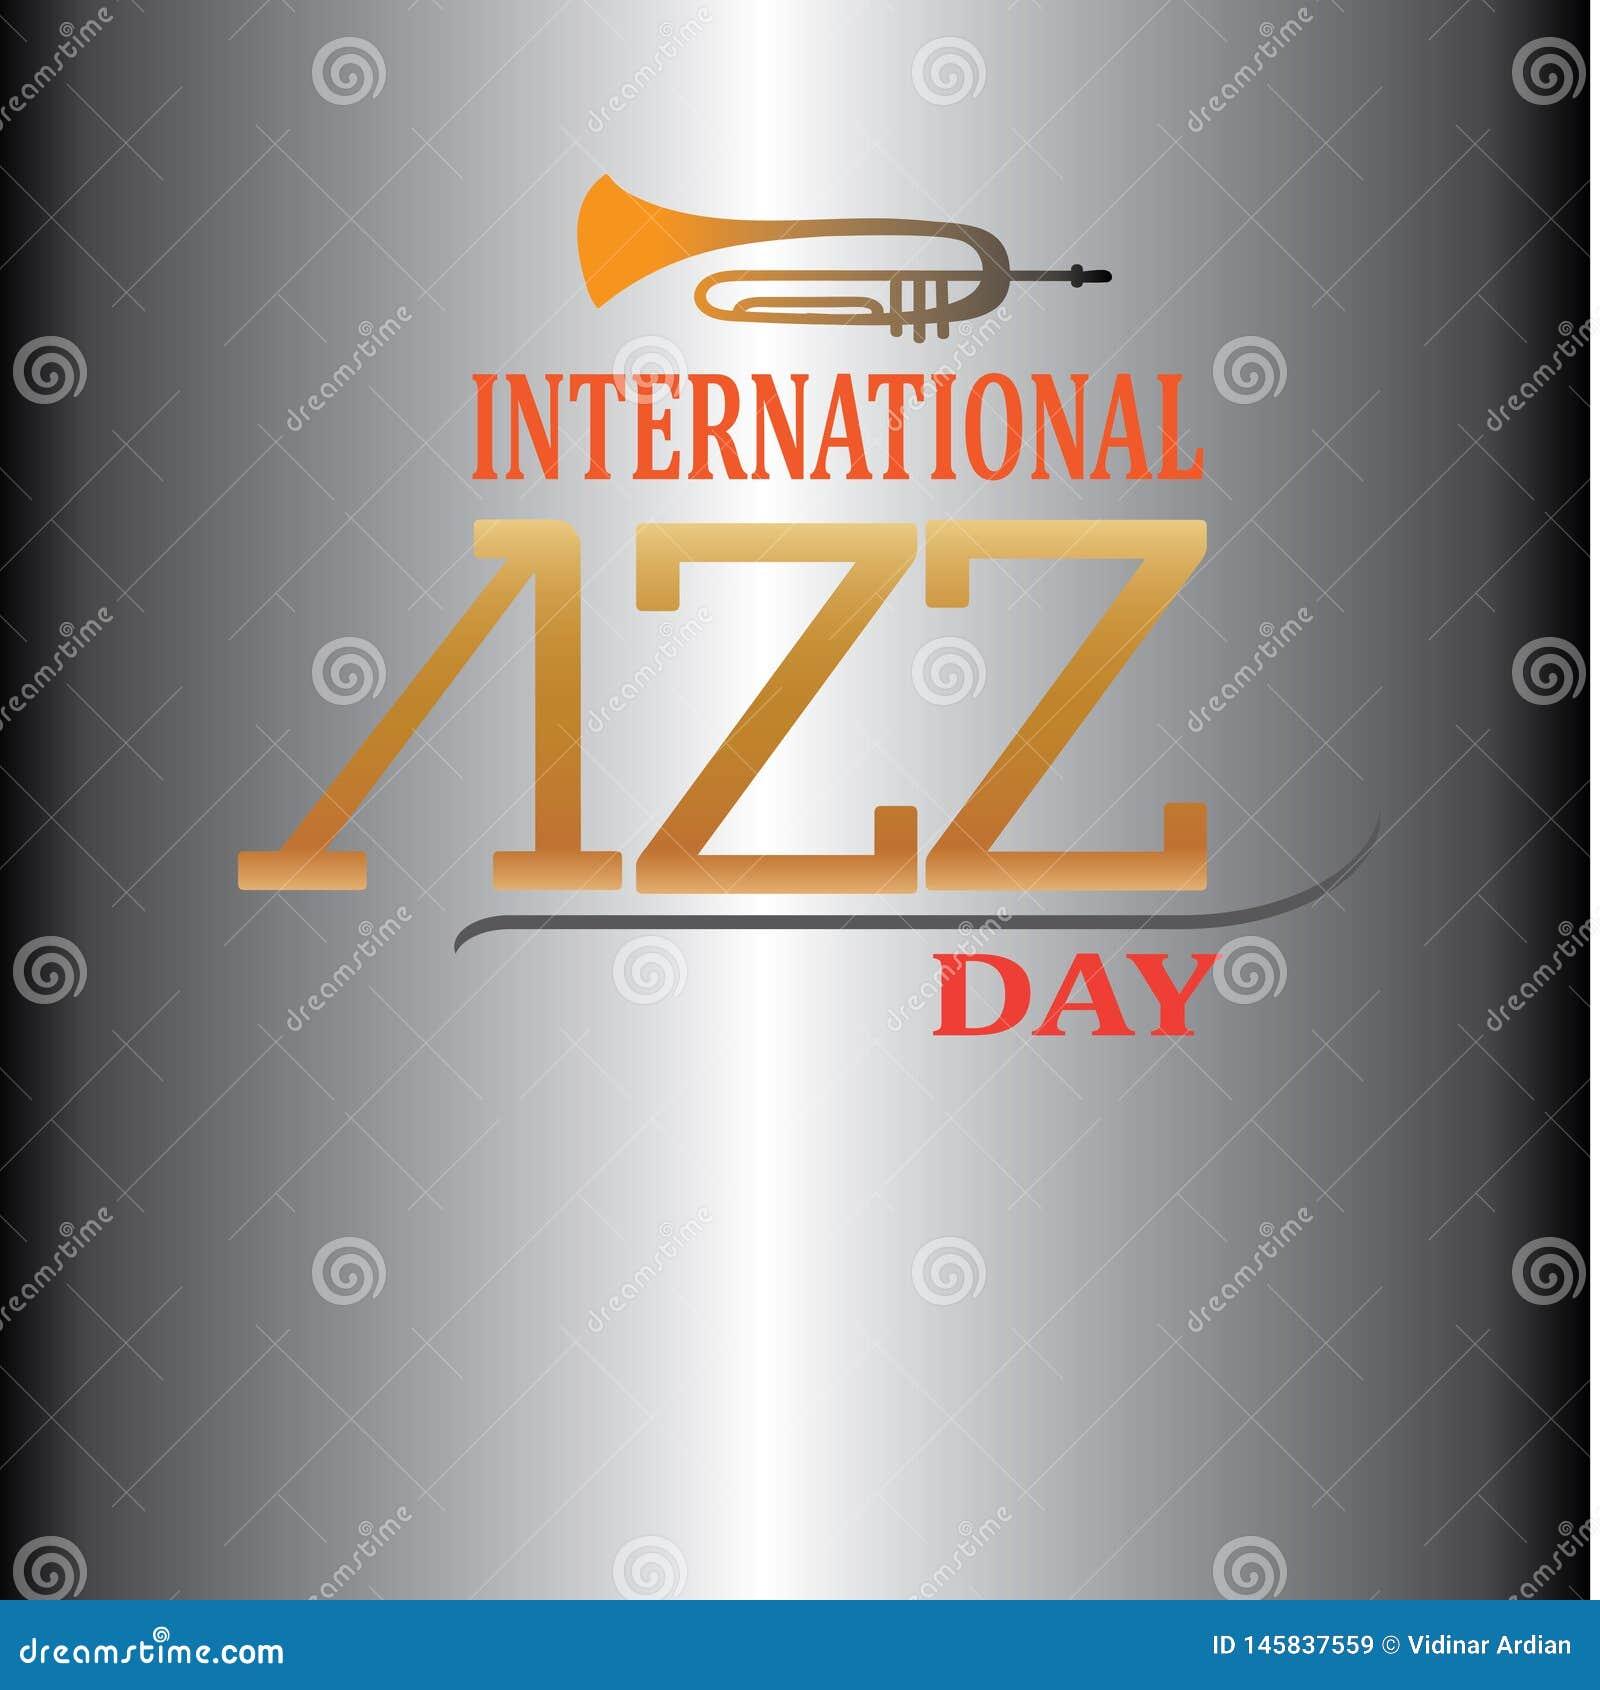 International Jazz Day Vector Illustration design . - Vector